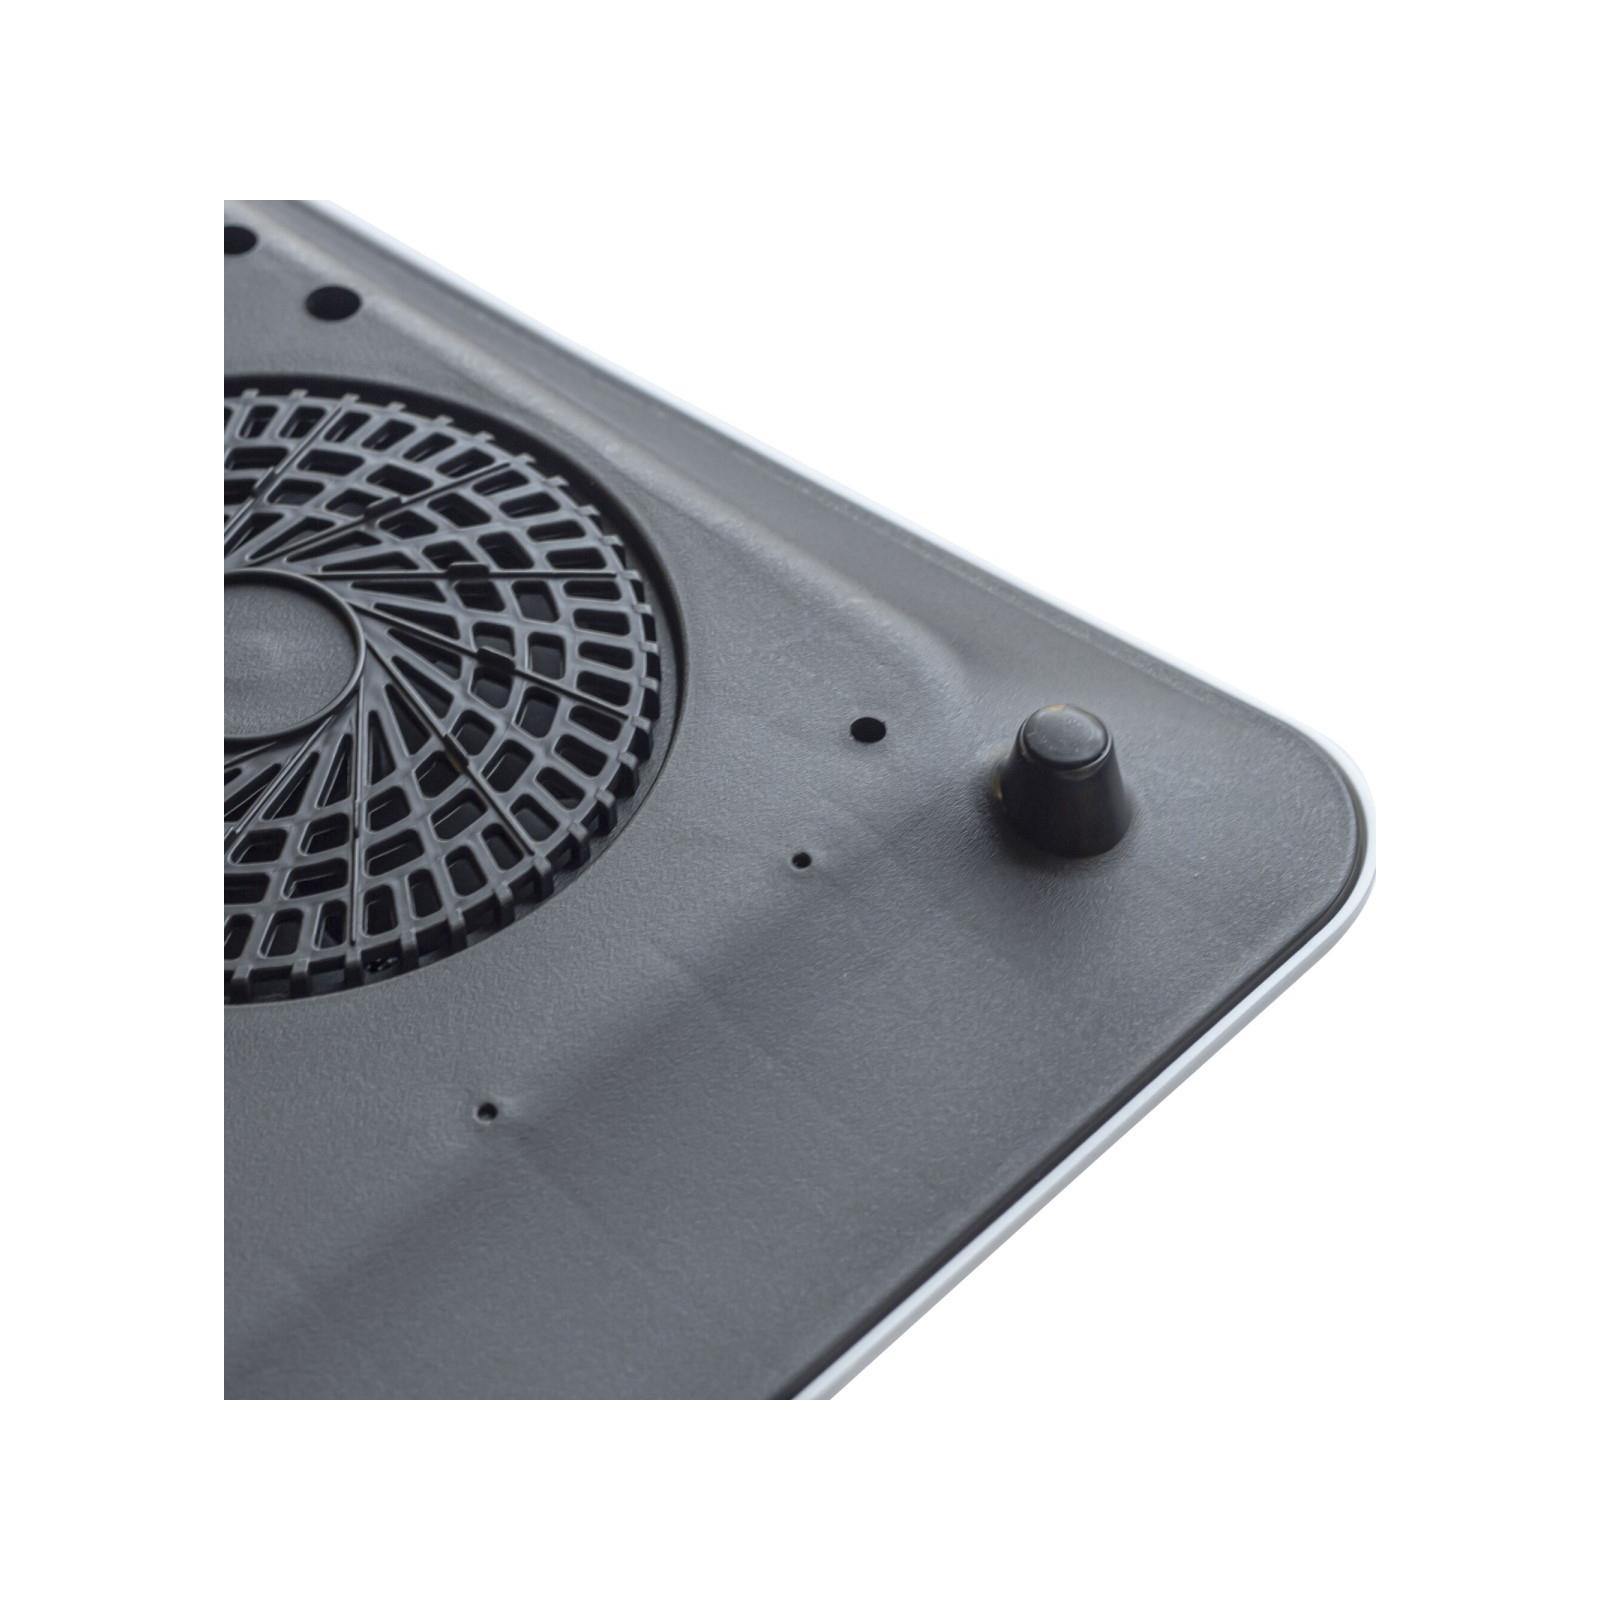 Електроплитка Laretti LR-CP5001 зображення 6